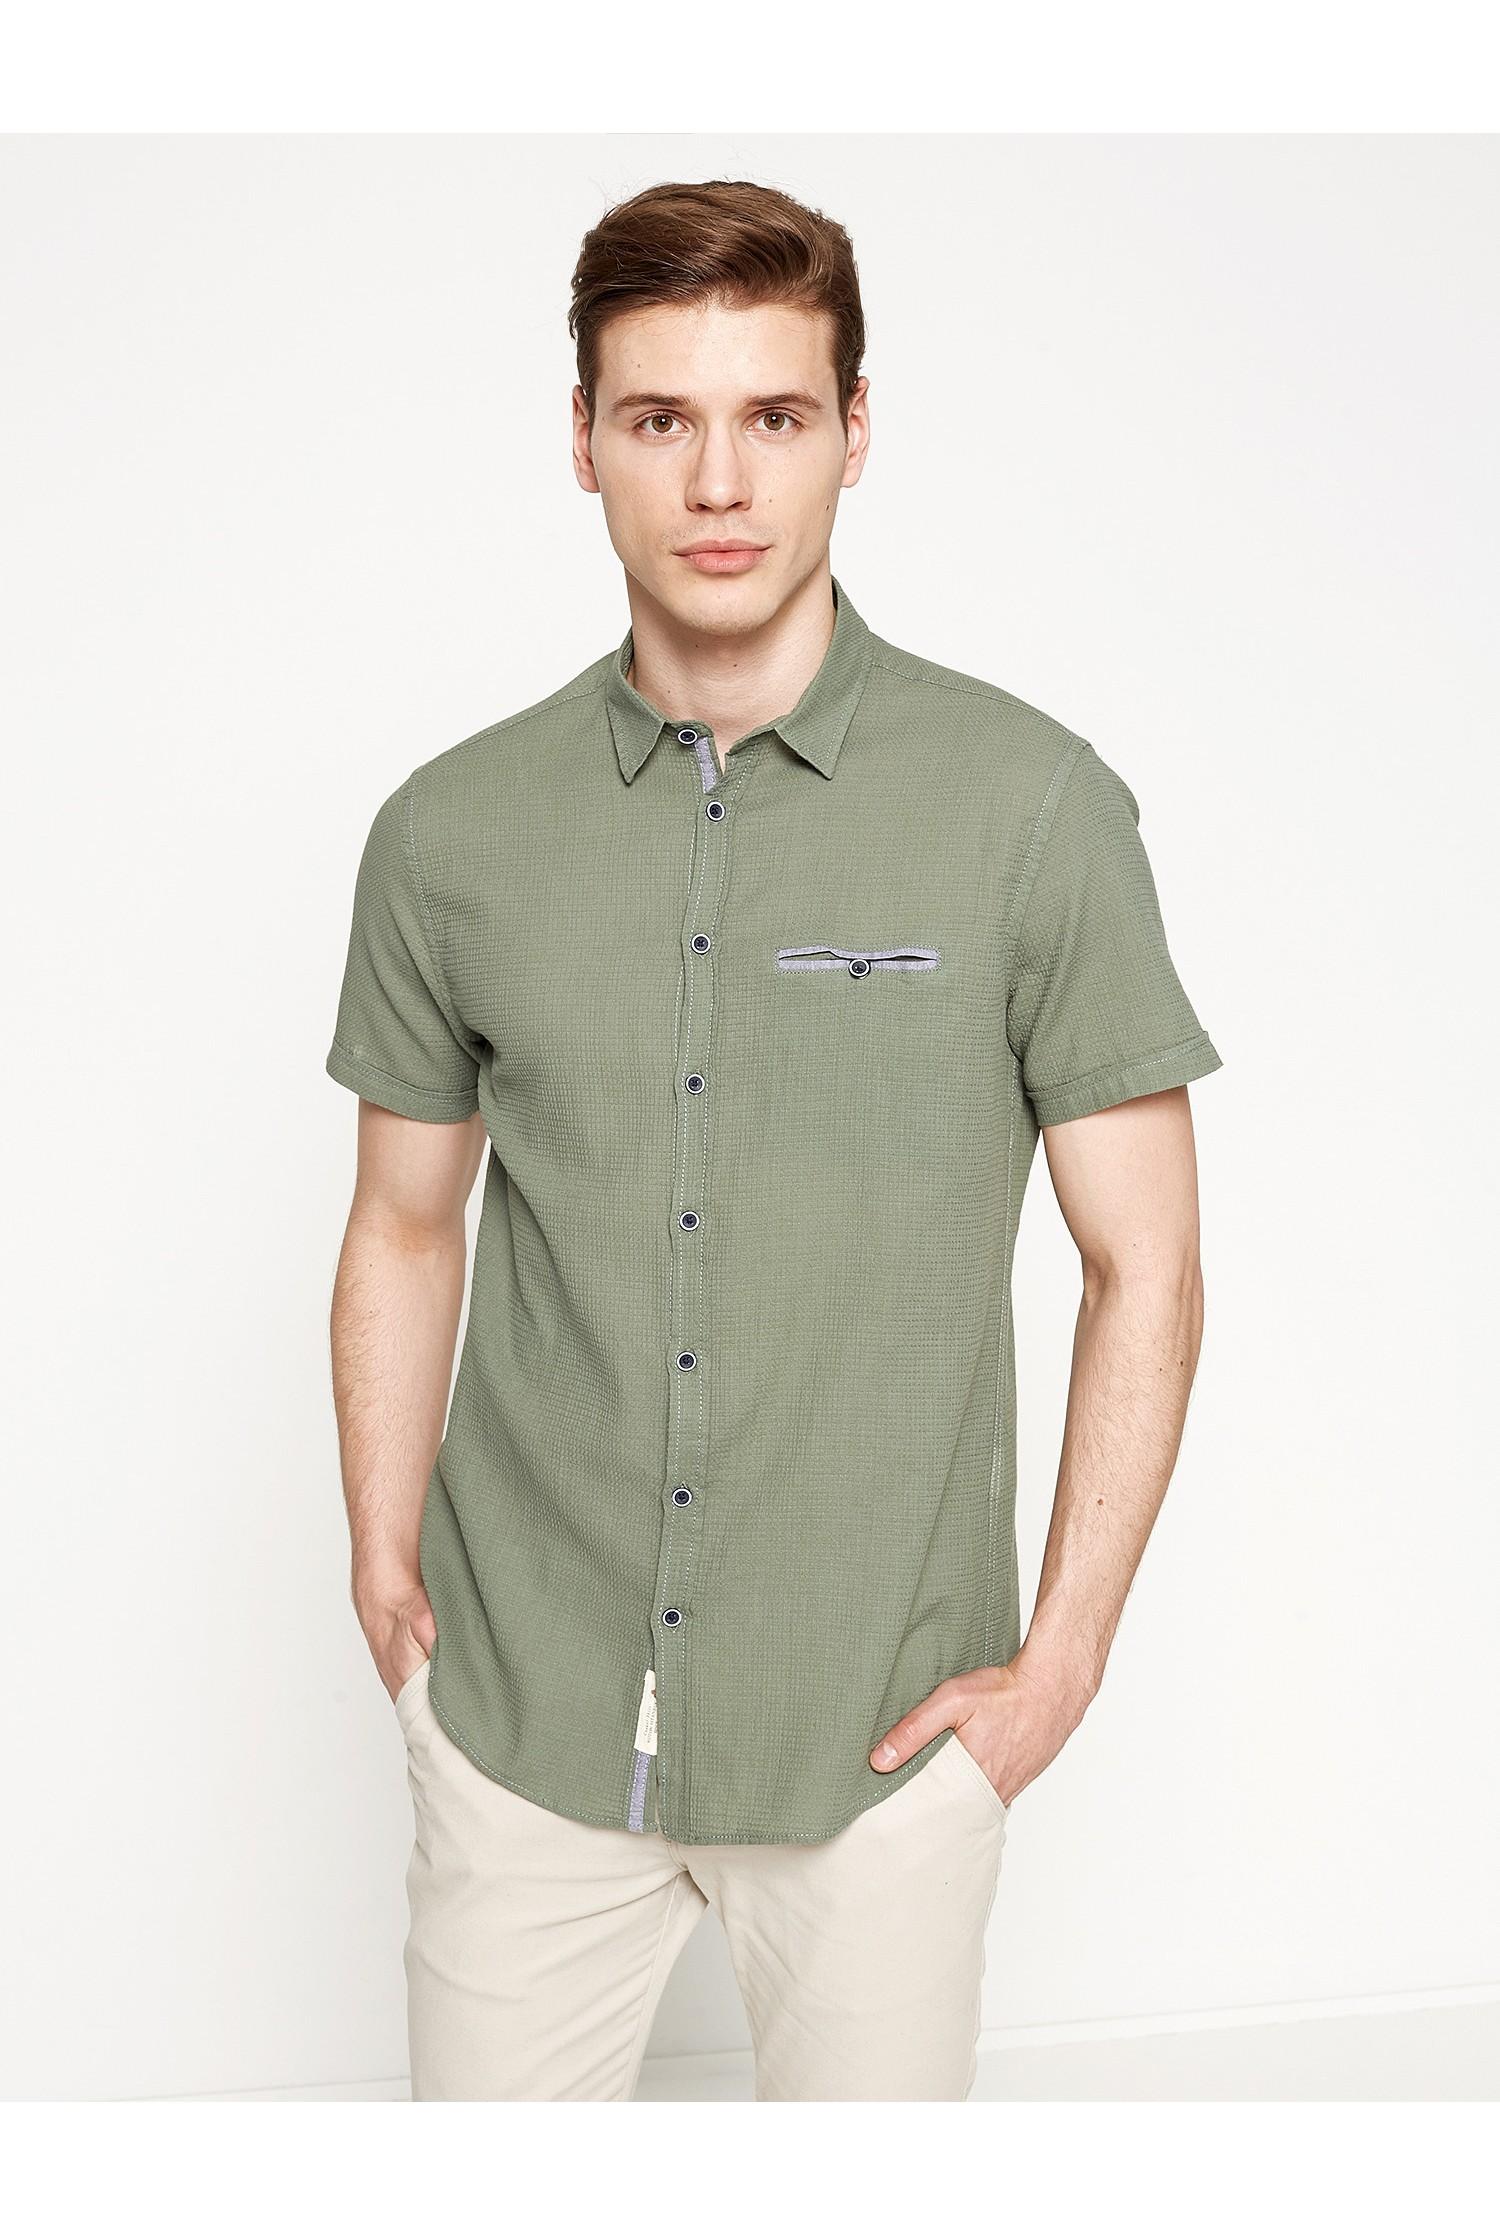 بالصور قميص رجالي , اختيار القميص المناسب من اسرار جذب النساء 1498 3